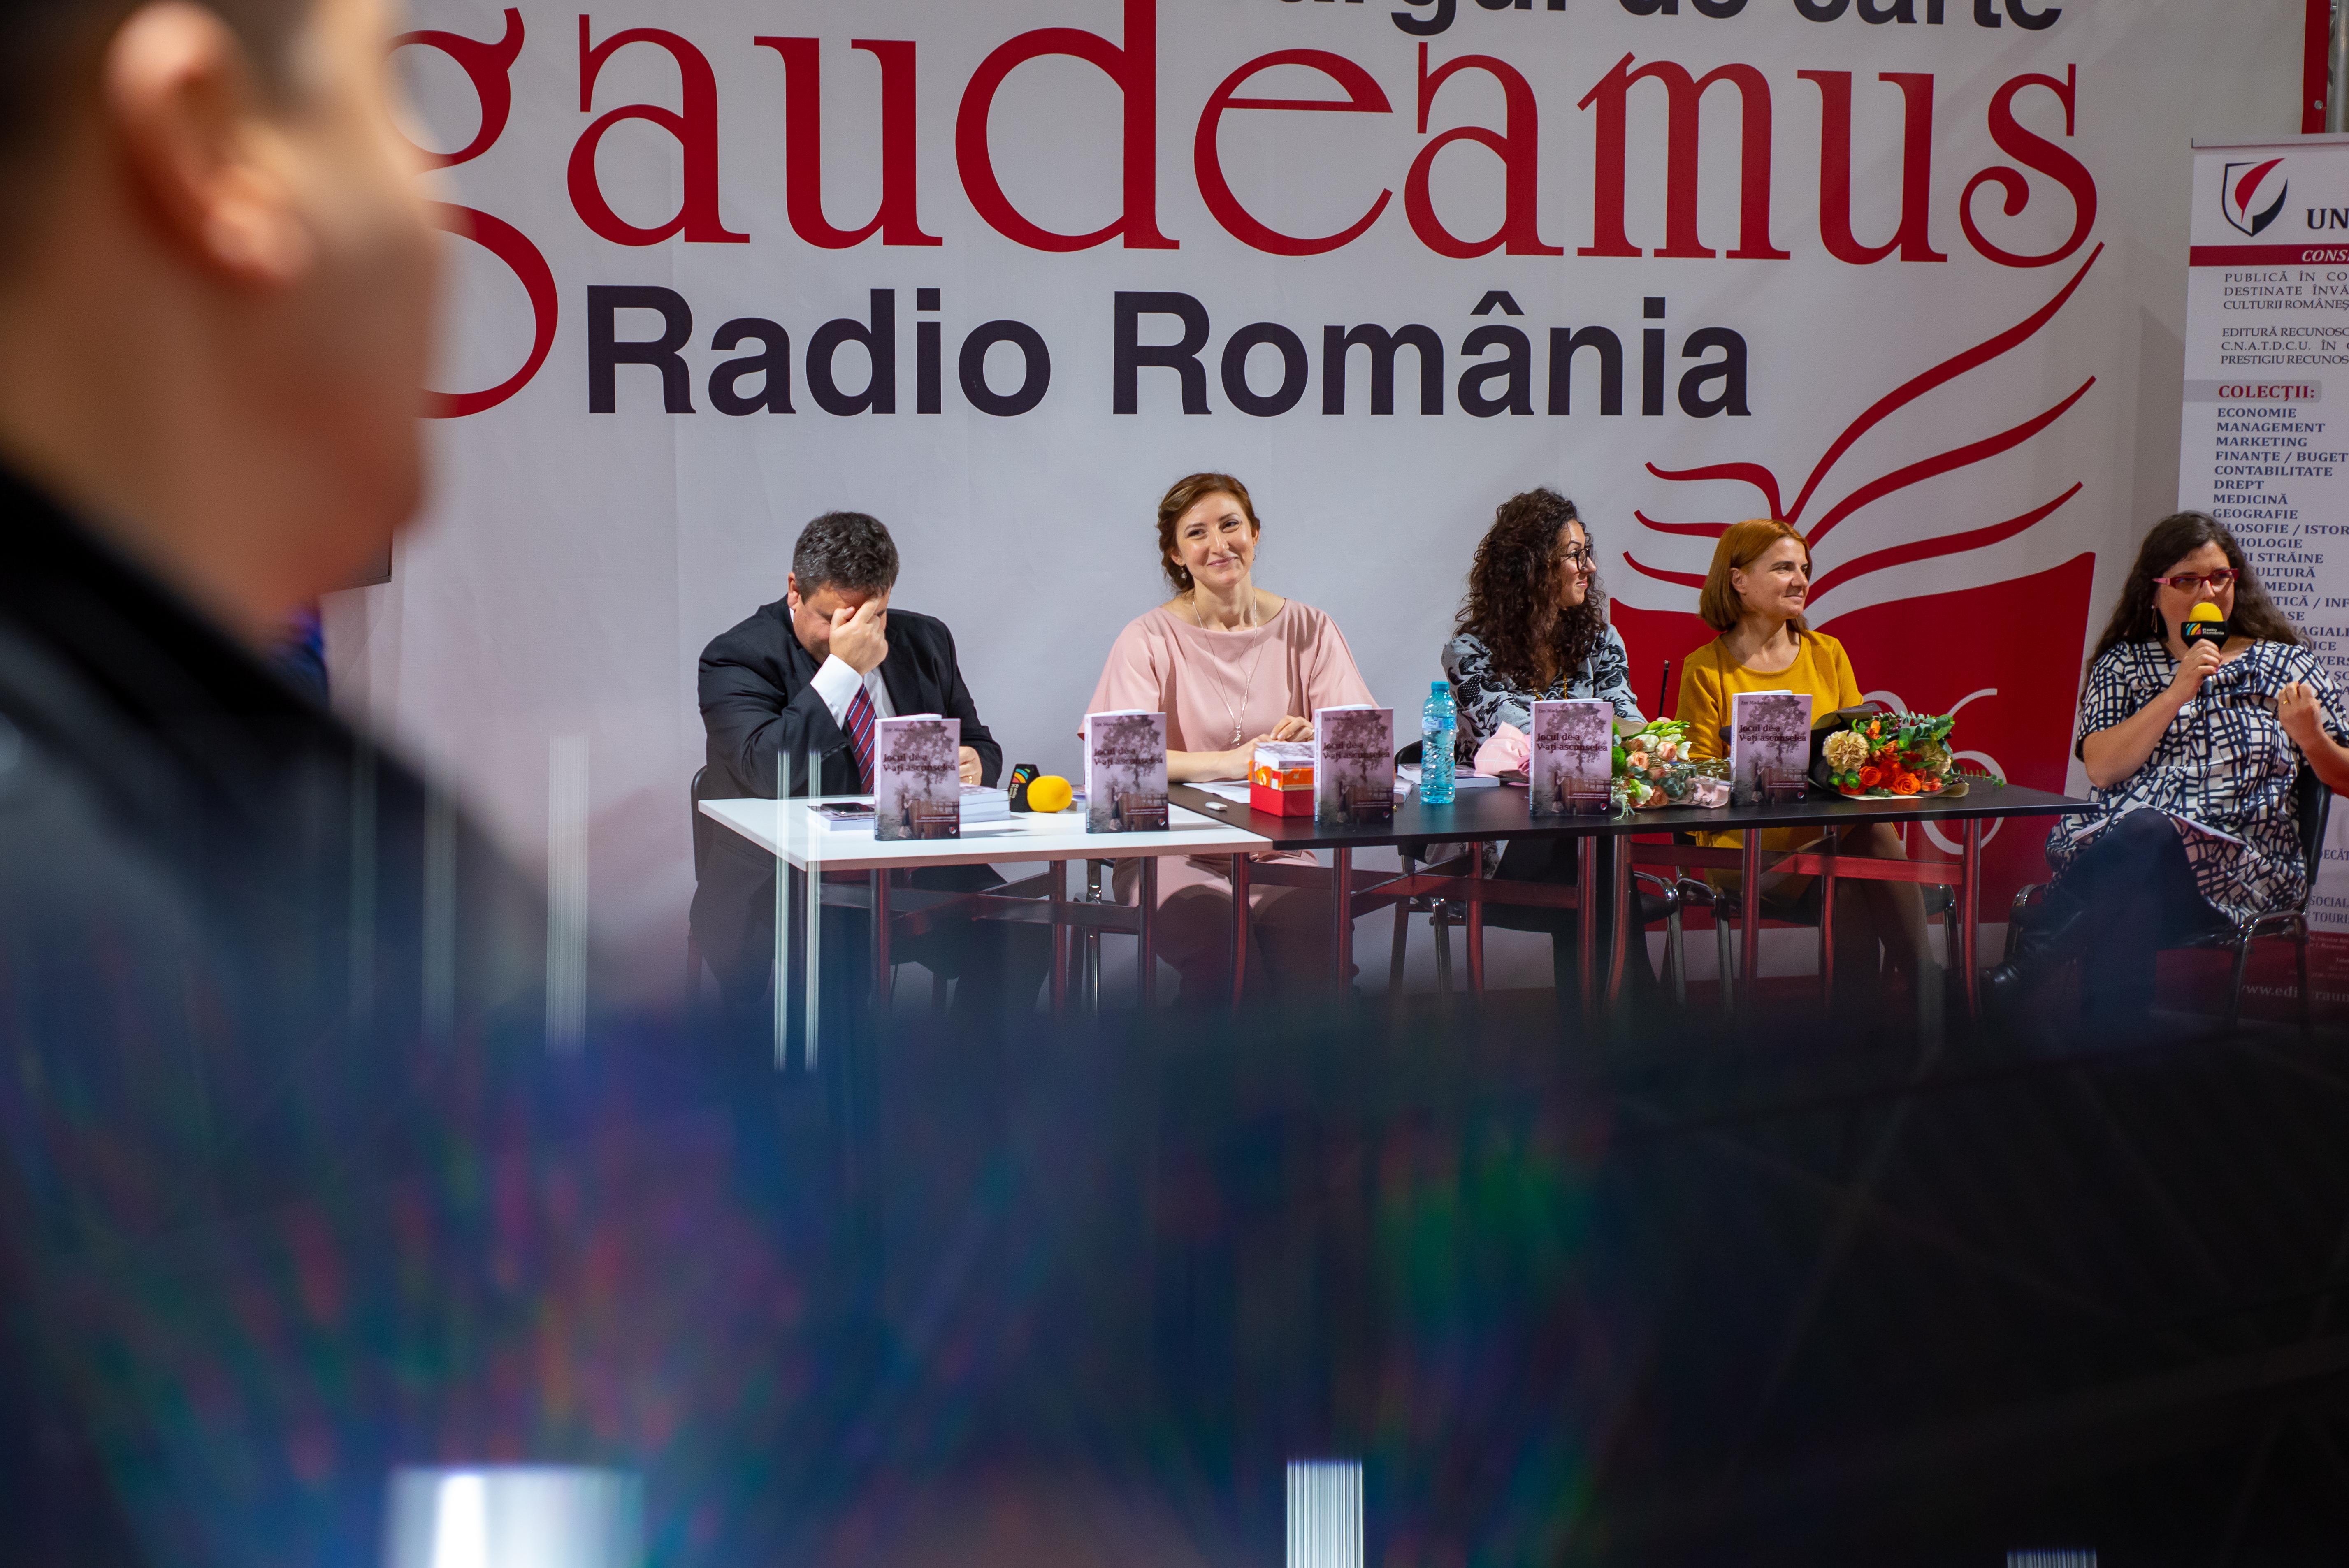 Lansarea romanului Jocul de-a V-ați ascunselea la târgul de carte Gaudeamus